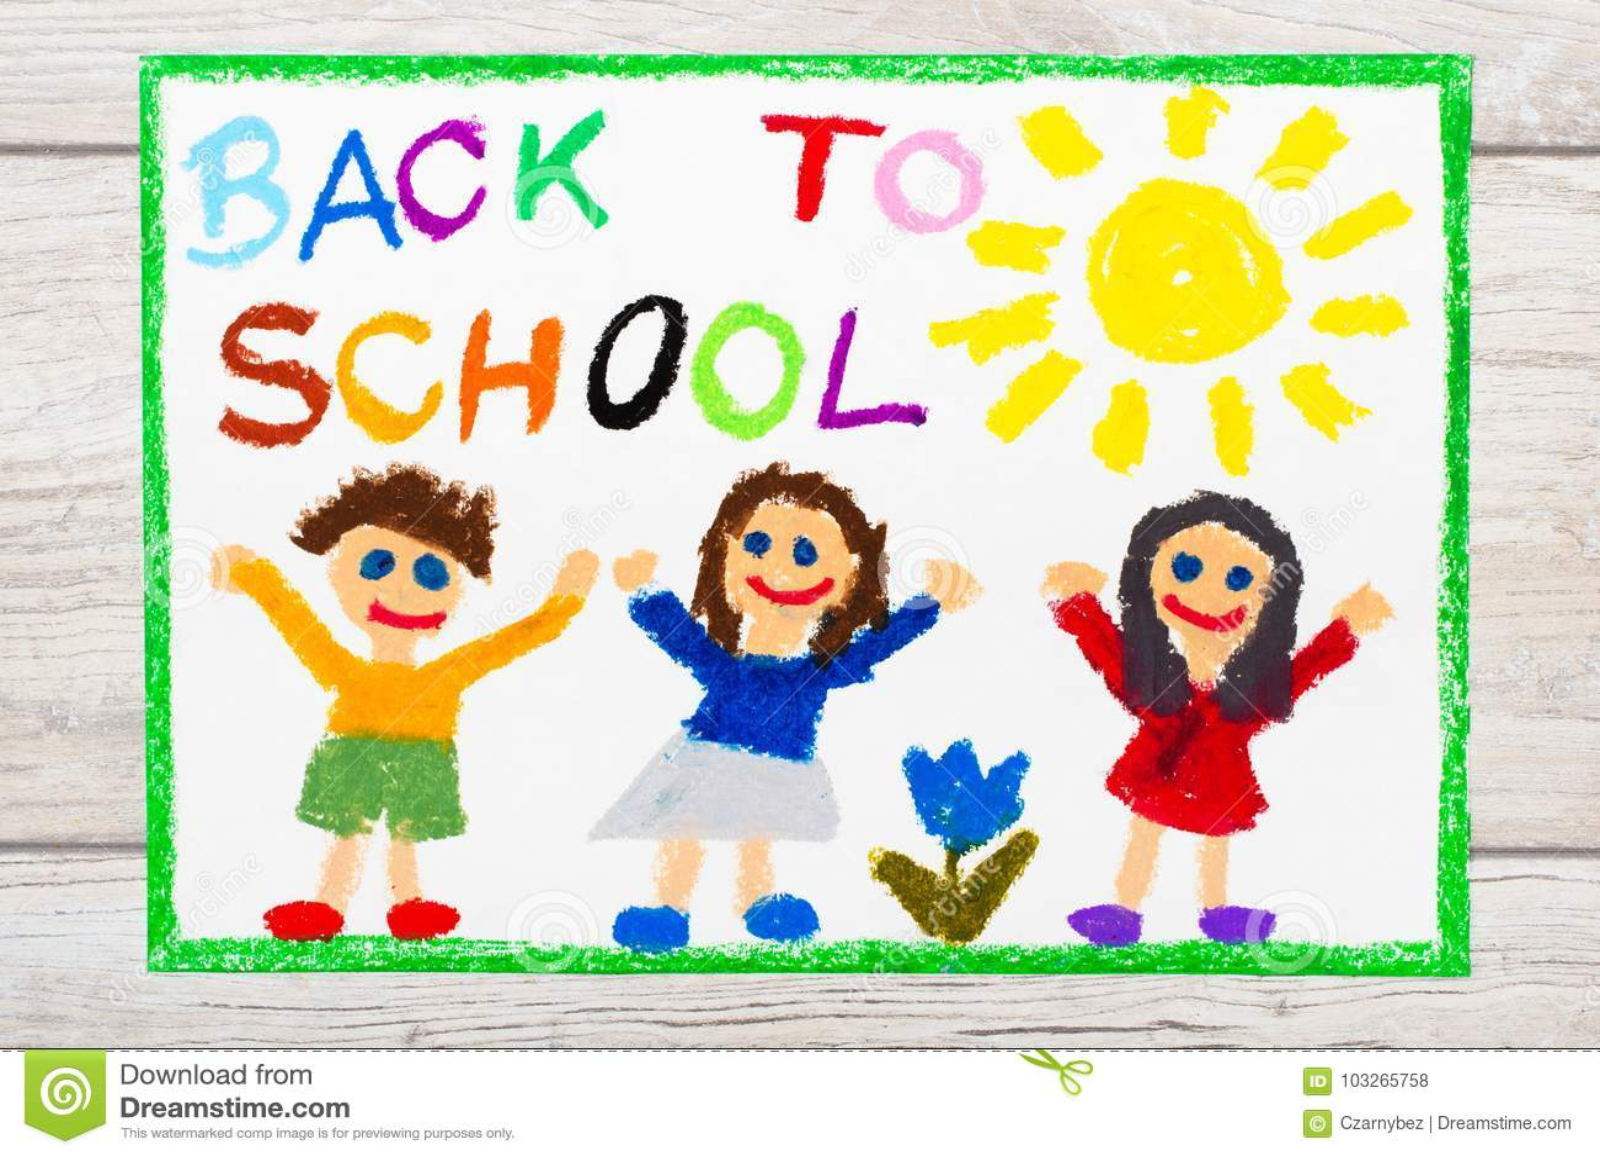 Σχεδιασμός: Λέξη ΠΙΣΩ στο ΣΧΟΛΕΙΟ και τα ευτυχή παιδιά ημερήσιο πρώτο σχολείο